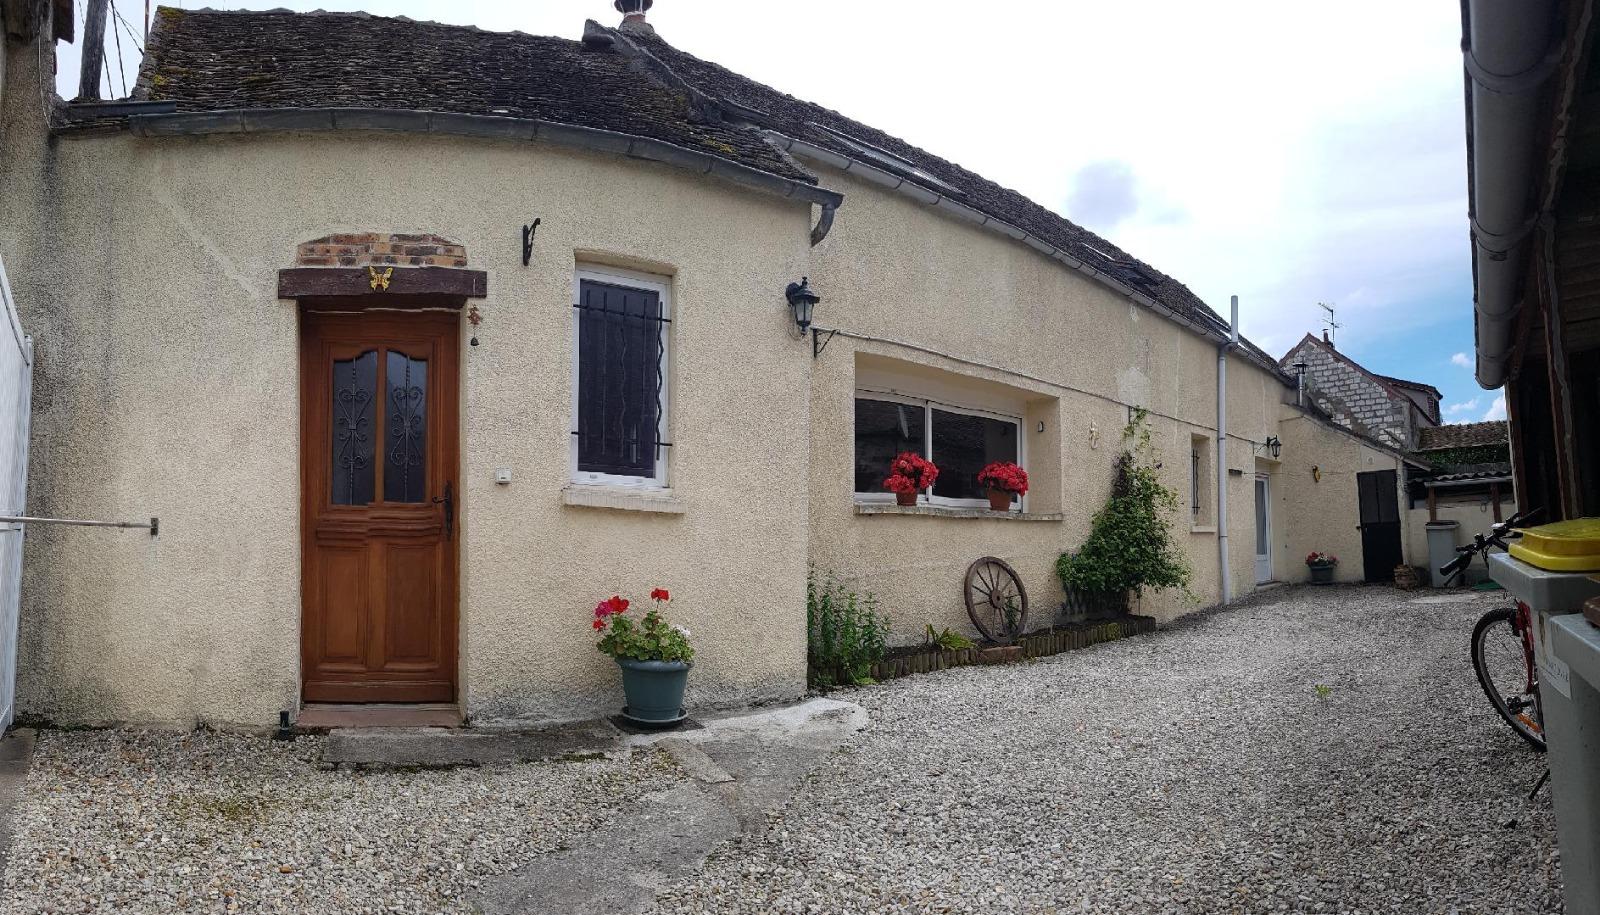 Secteur de Pont sur Yonne, belle villageoise rénovée de 3 chambres et grande cour